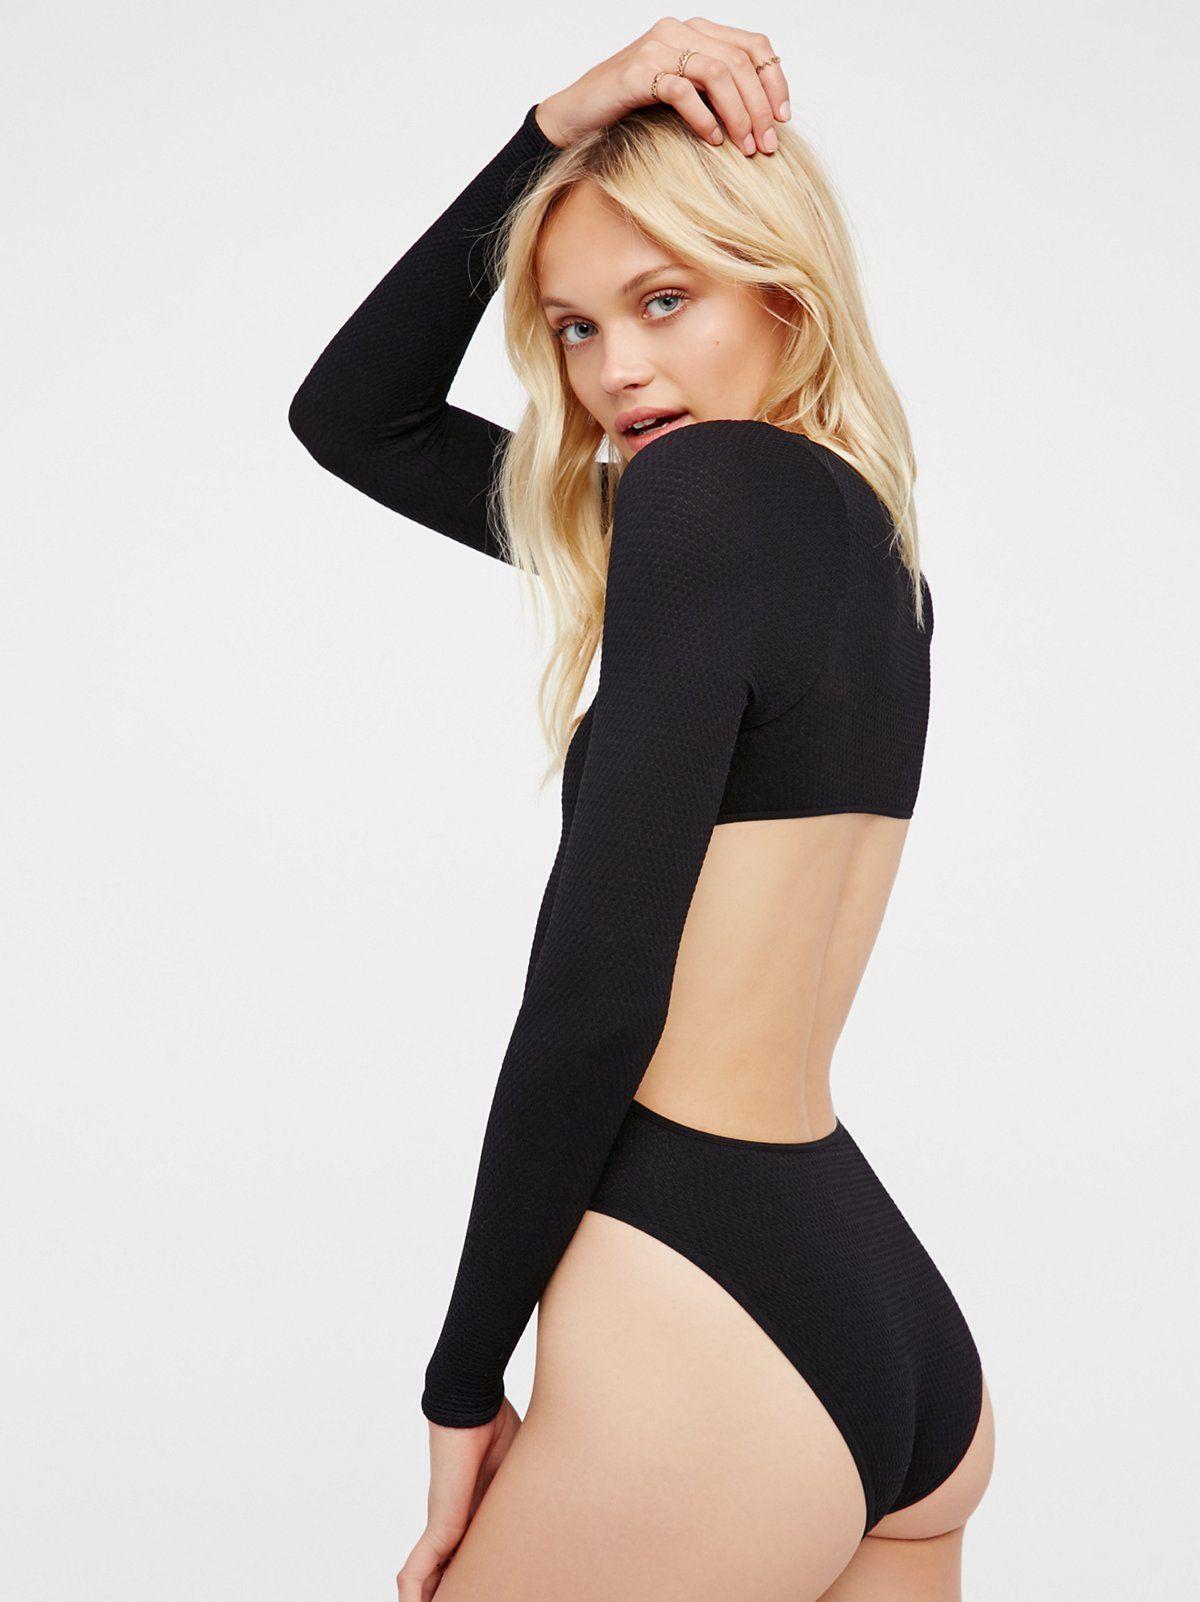 presentazione tra qualche giorno ordinare on-line Viola Open Back Bodysuit | Long sleeve bodysuit, Bodysuit ...